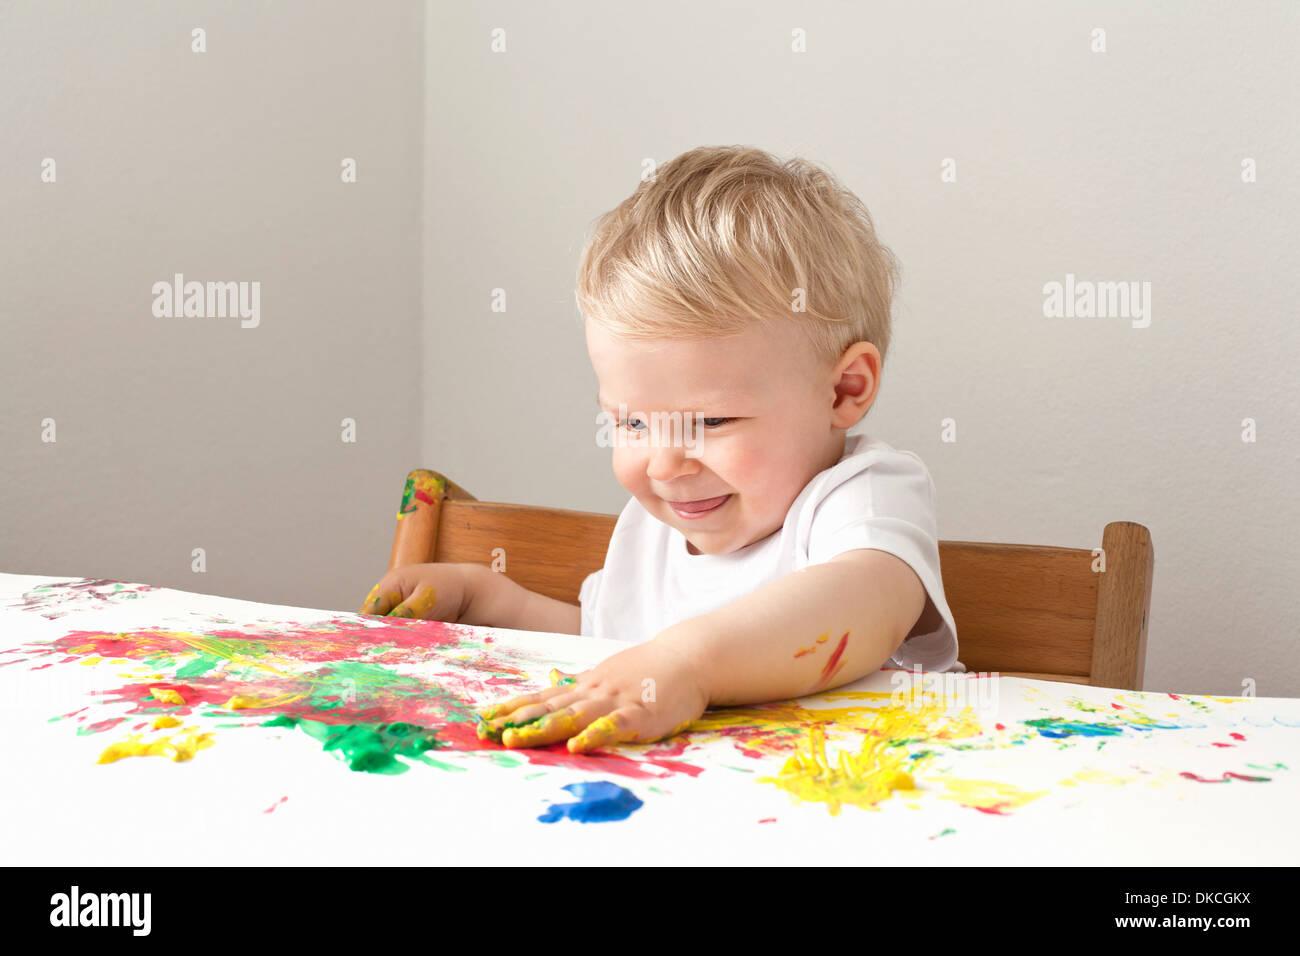 Kleiner Junge spielt mit Fingerfarben Stockbild